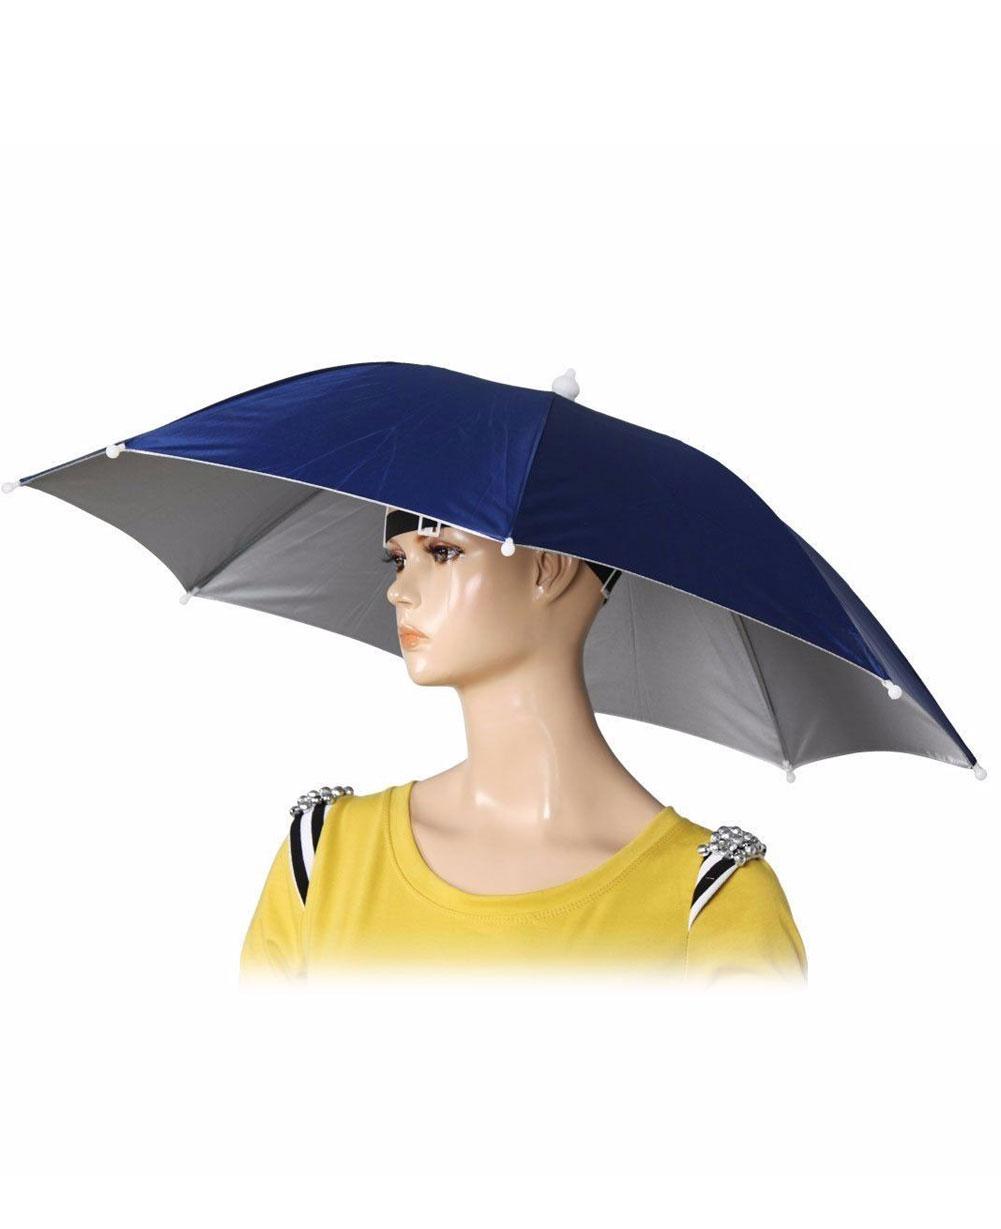 Sombrilla de cabeza para deportes y actividades manos - Sombrilla de pared ...